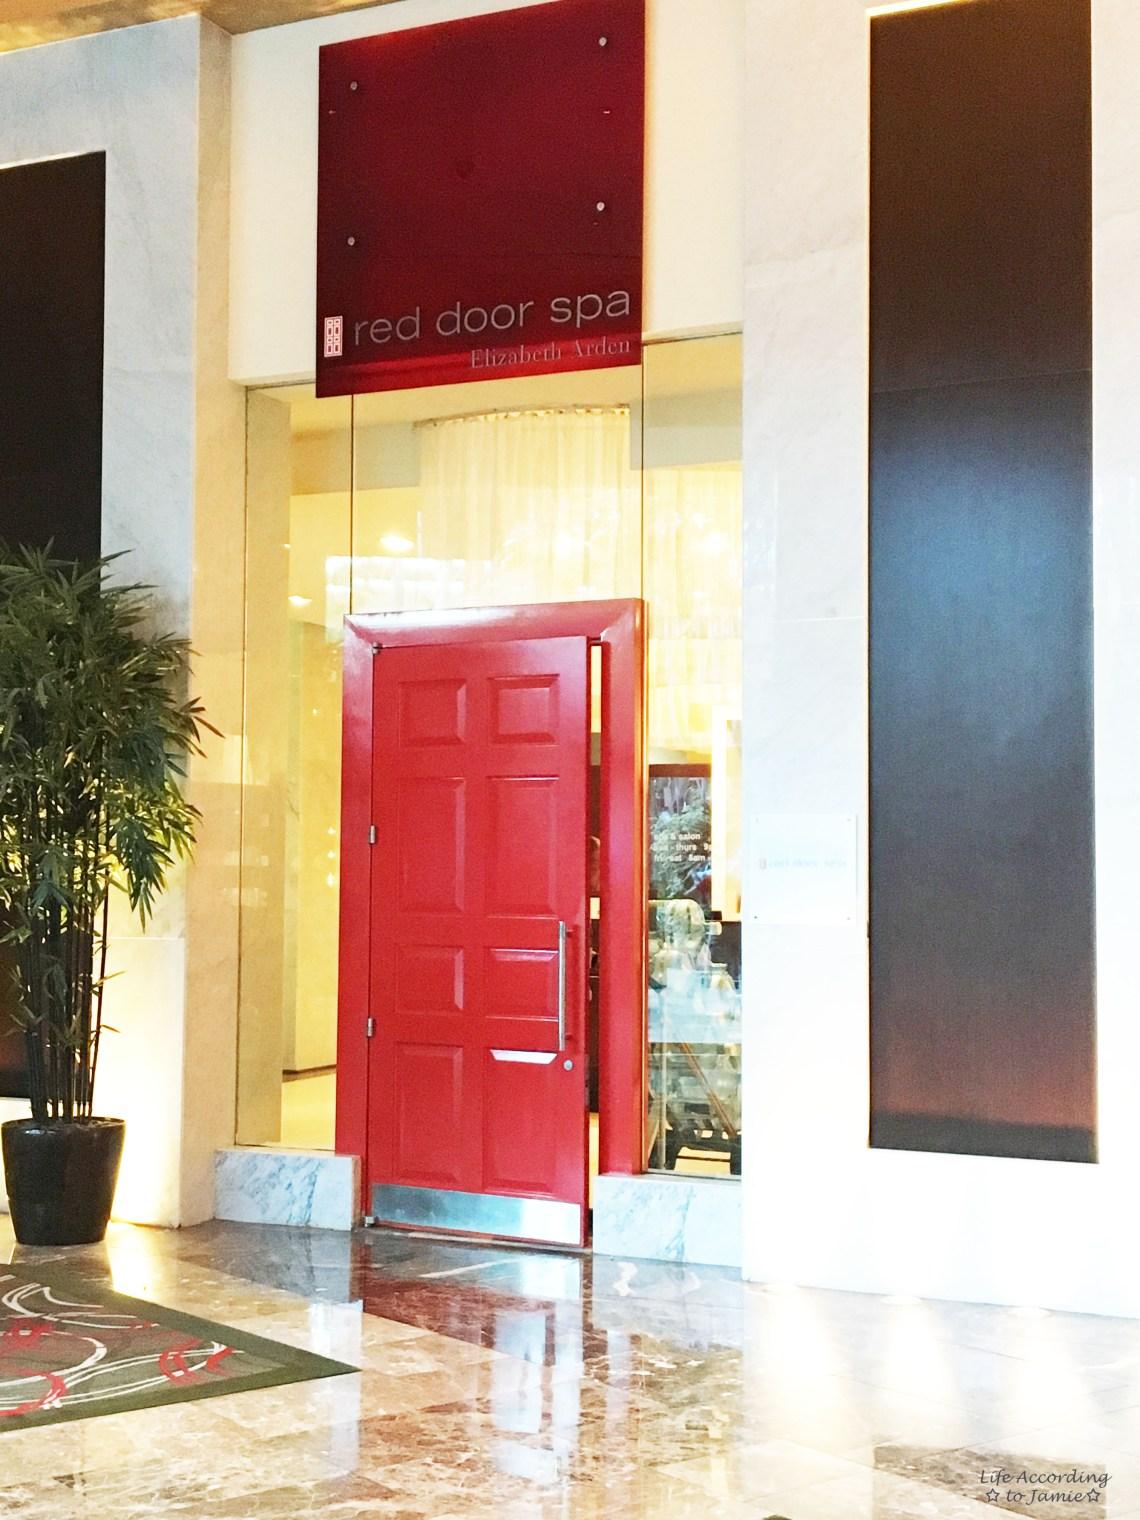 Elizabeth Arden - Red Door Spa